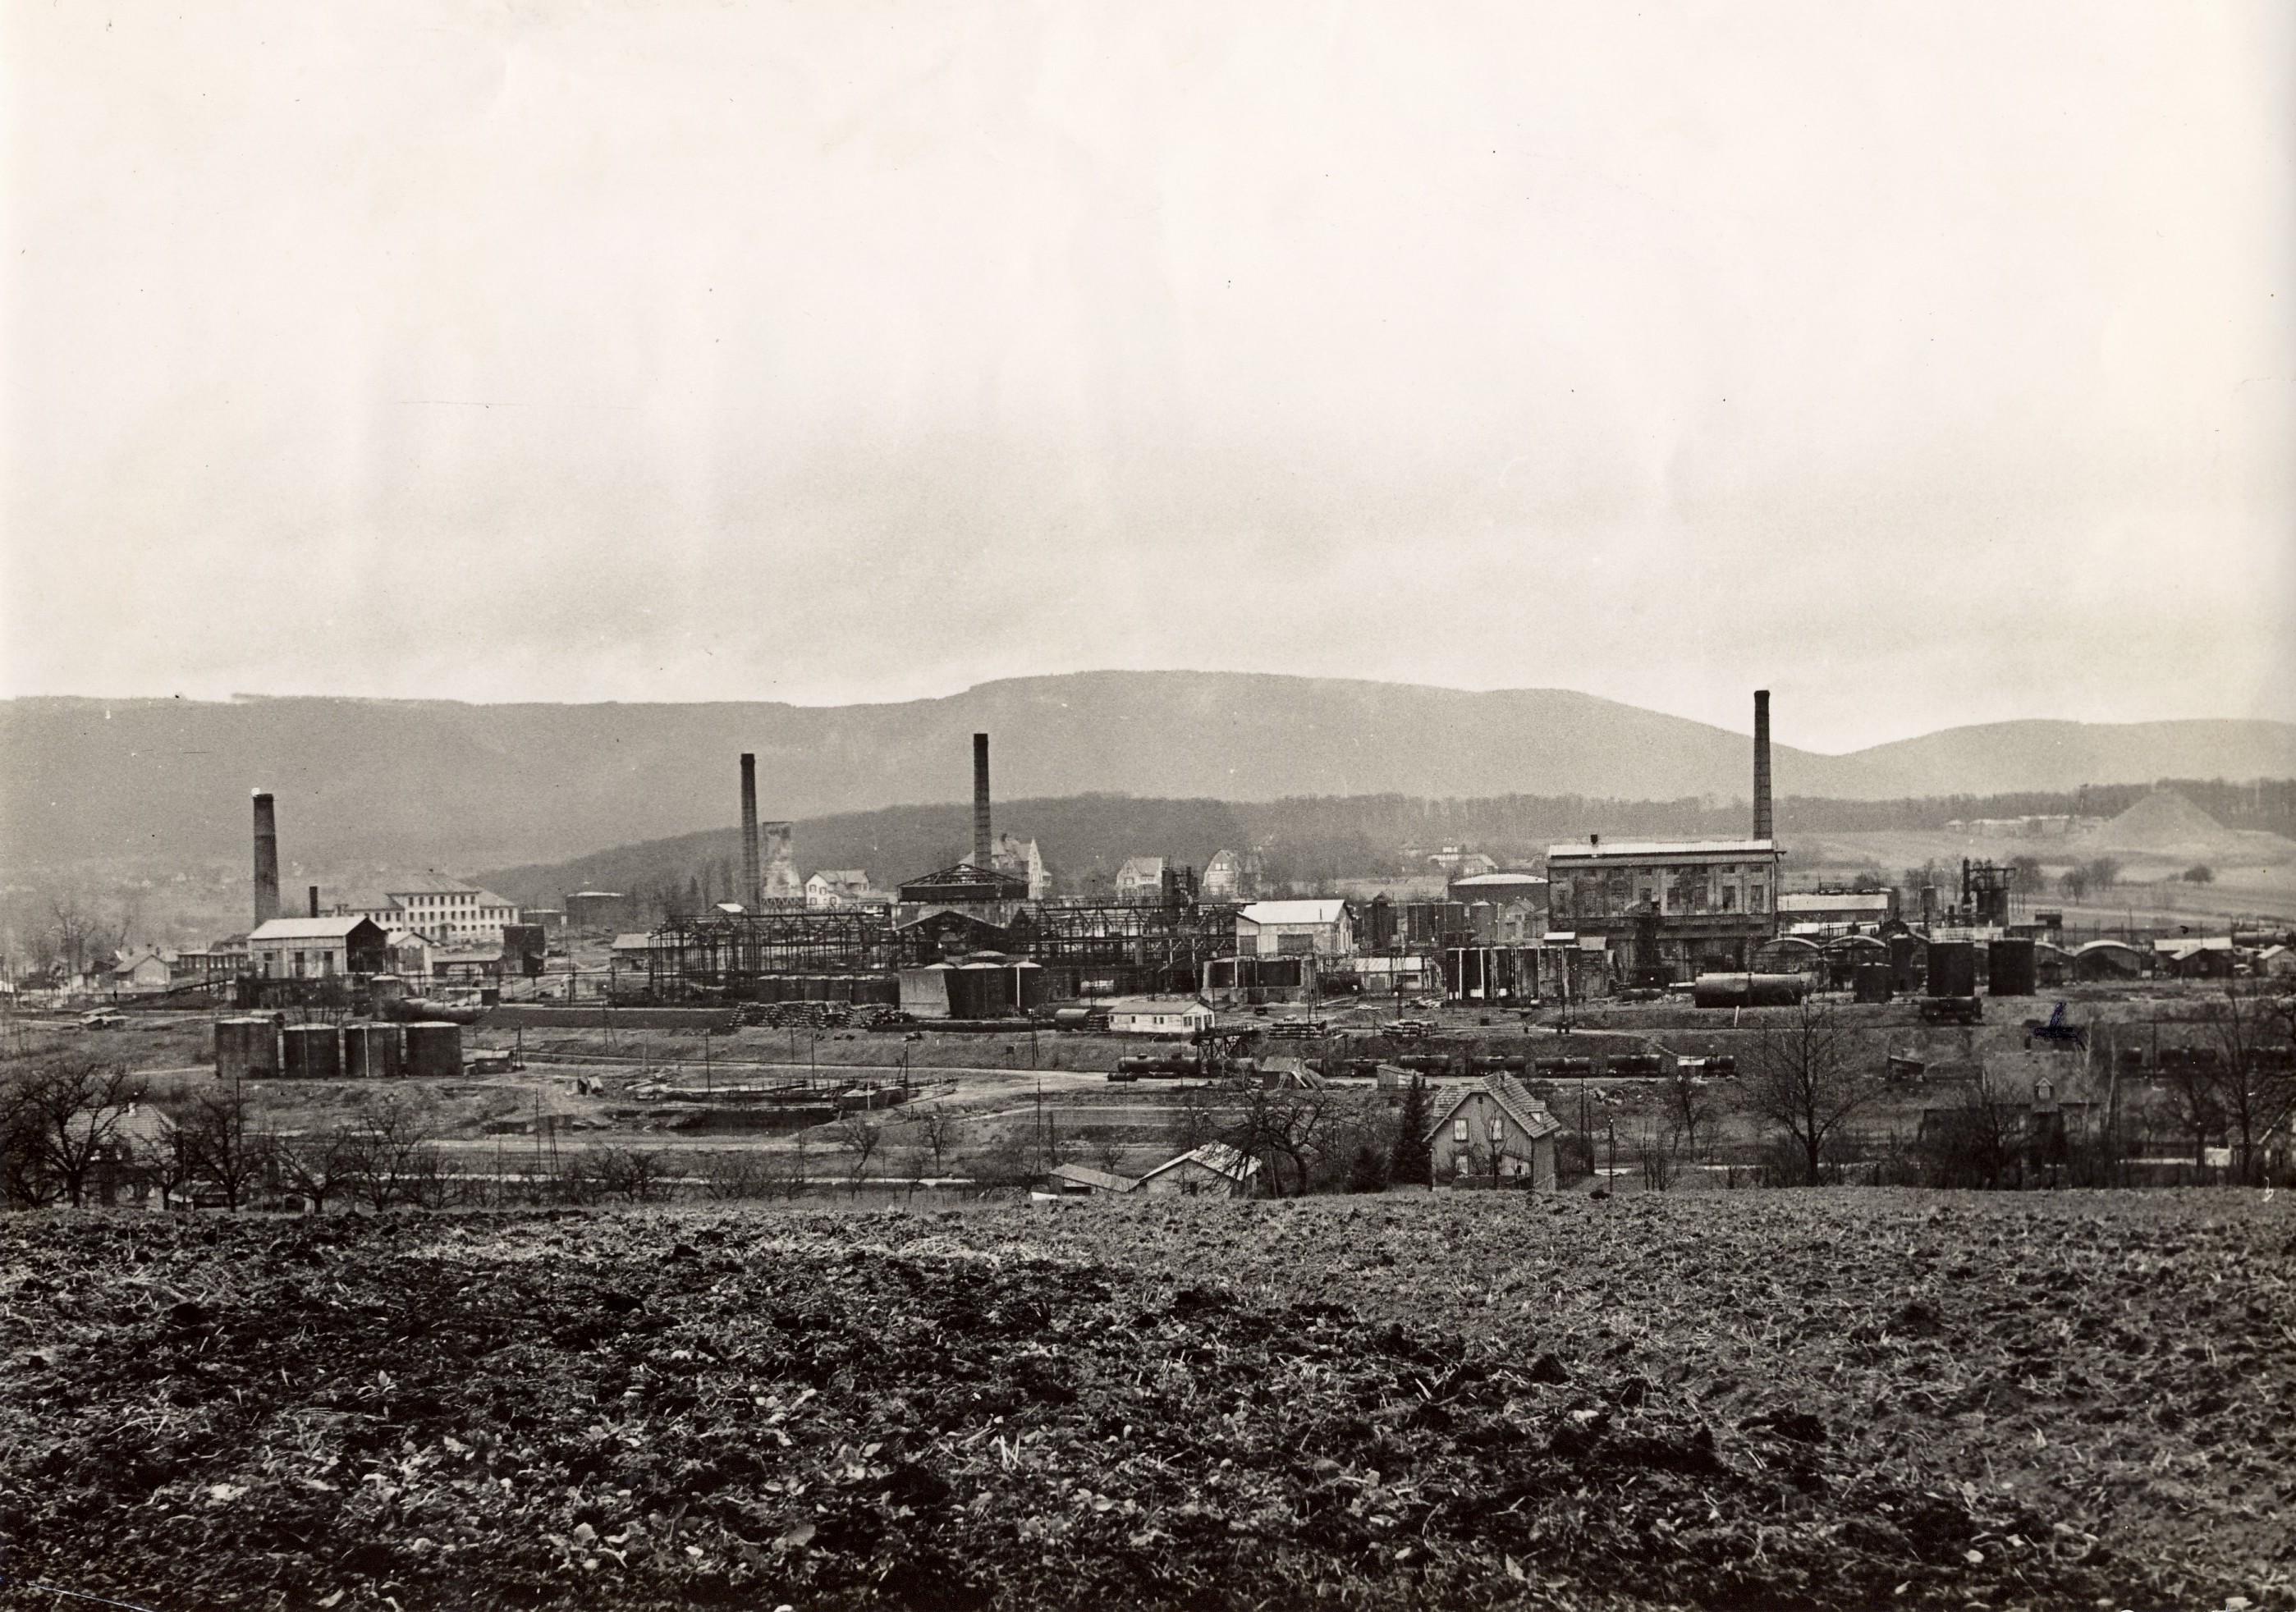 Balade géologique autour du carreau de mine Clemenceau